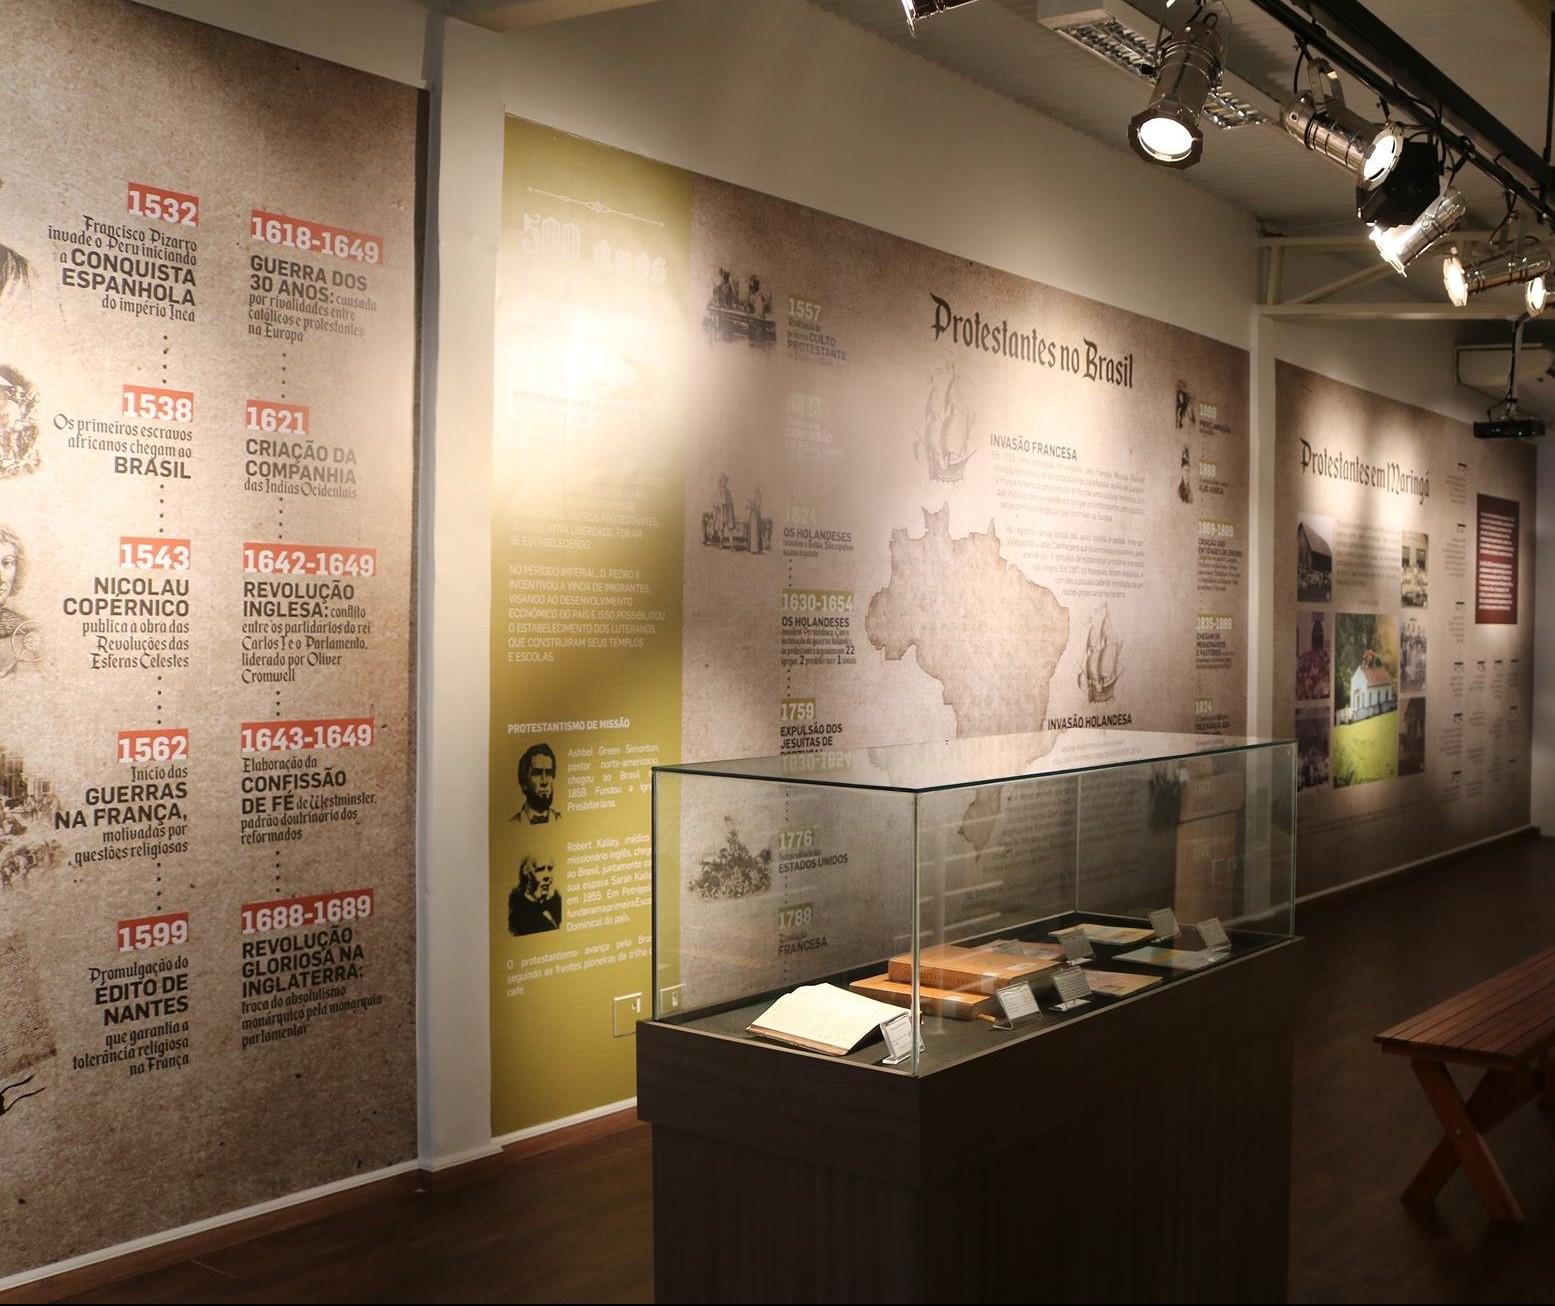 Reforma Protestante é tema de exposição, em Maringá